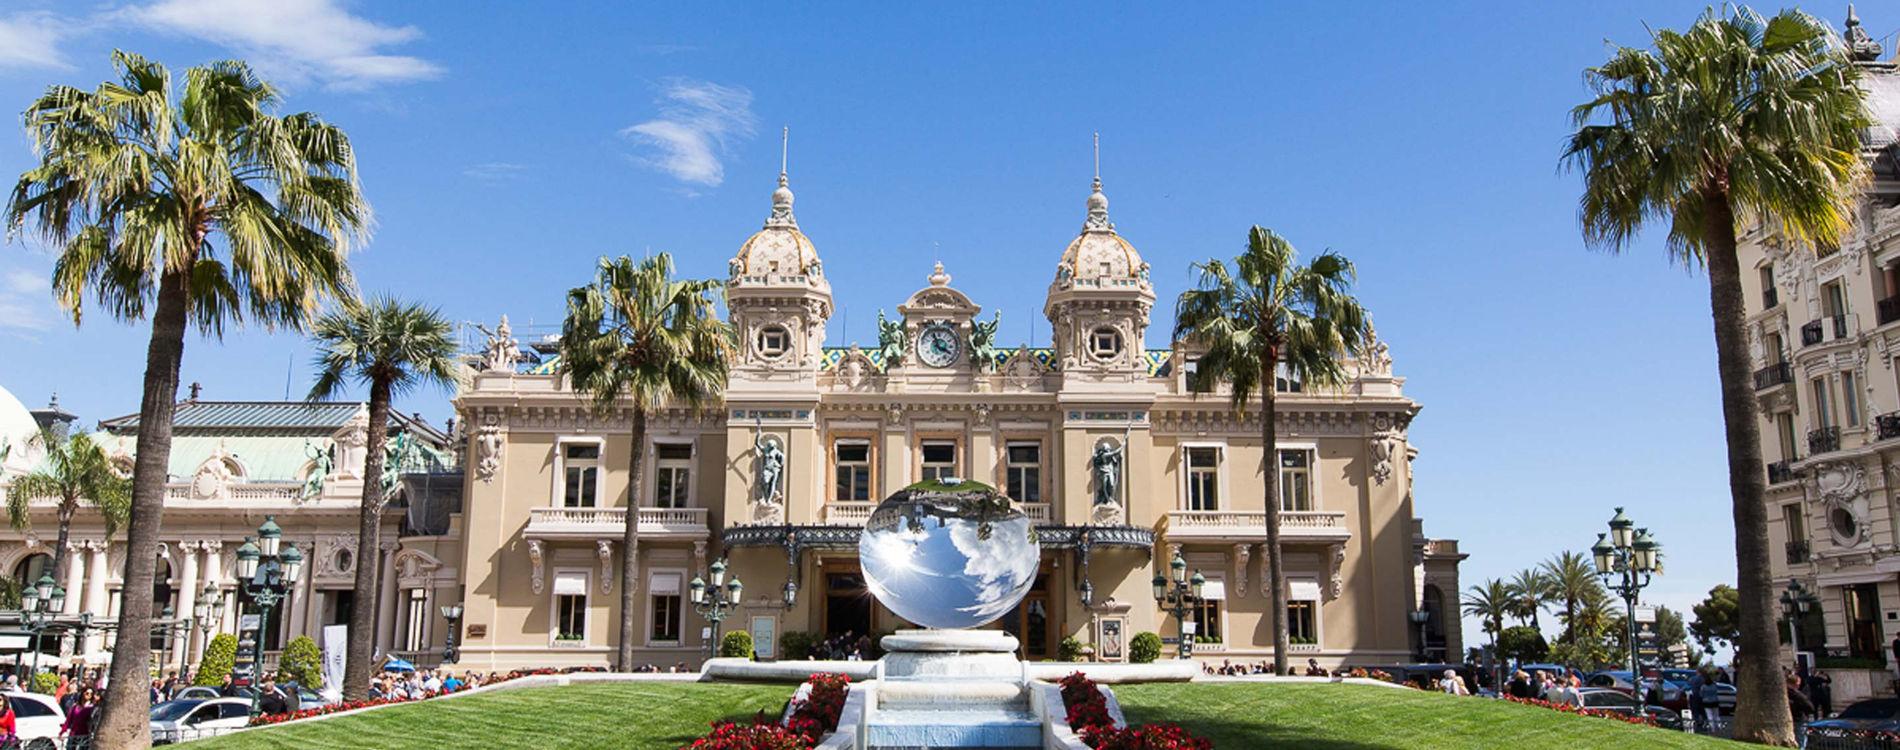 Carrières Monte-Carlo Société des Bains de Mer